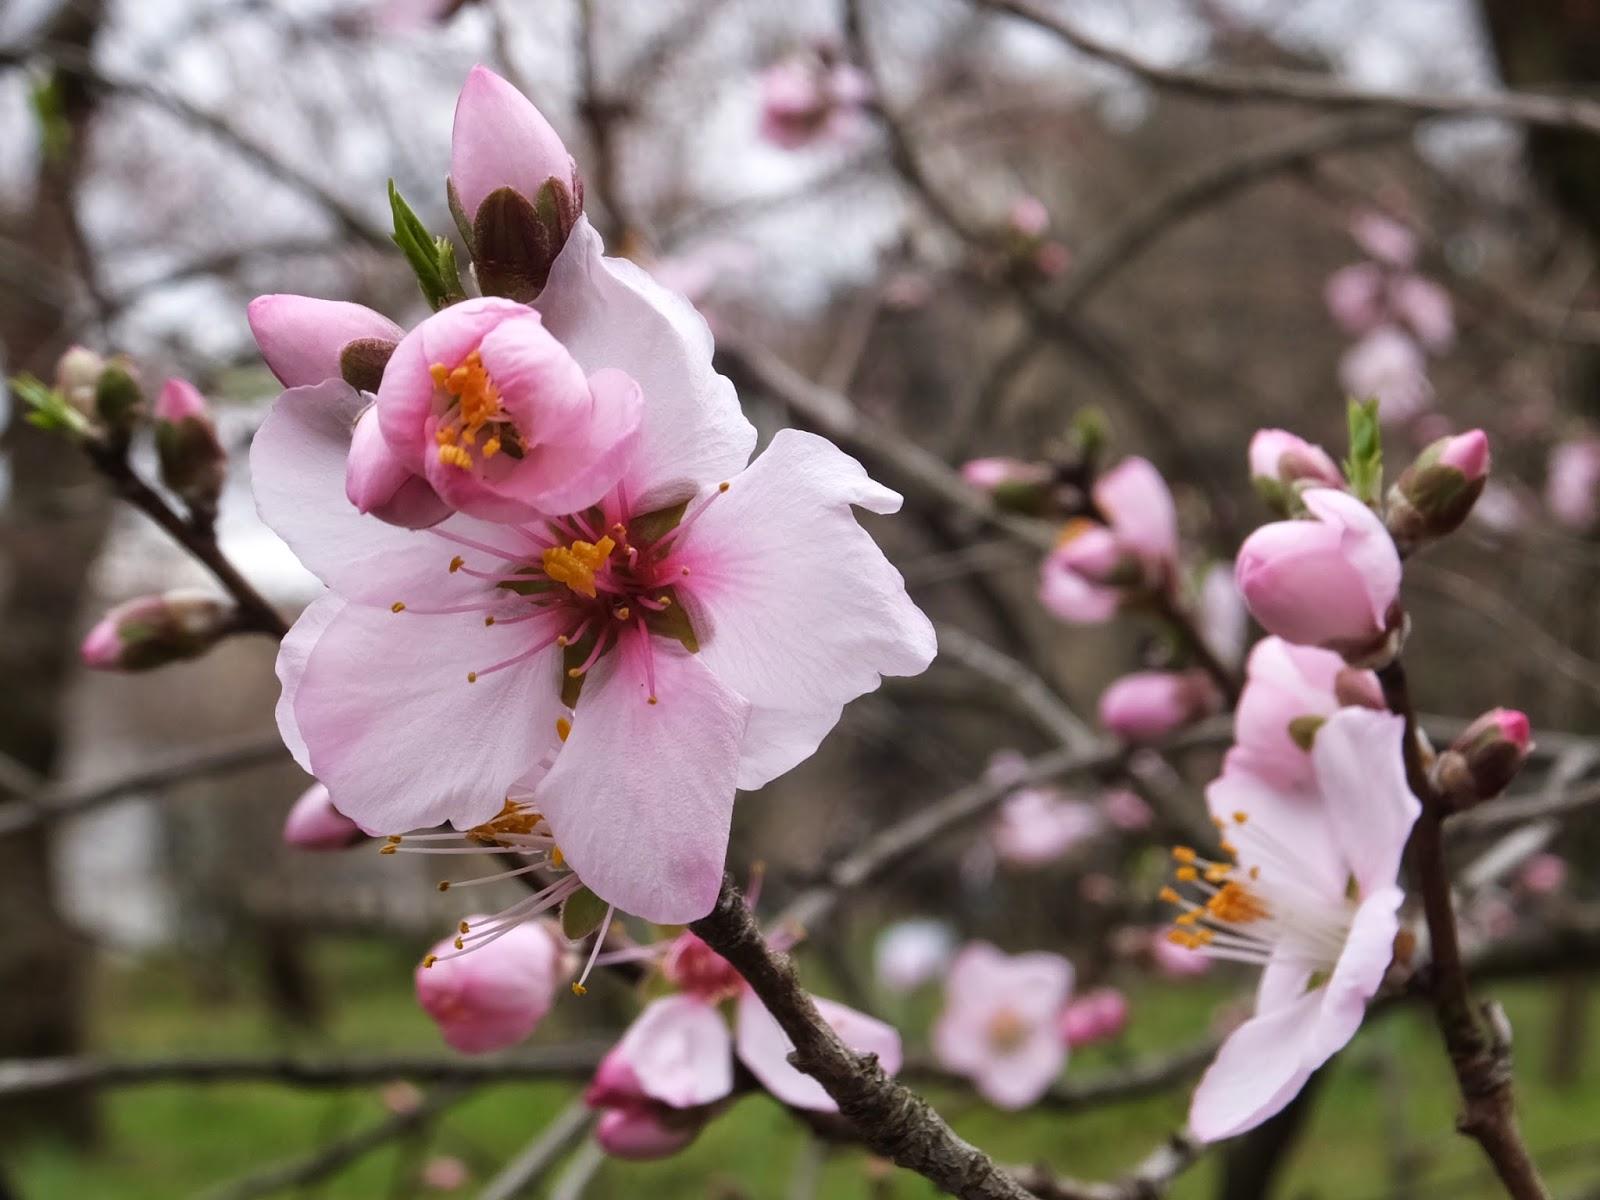 アーモンド(扁桃)の花、サクラともいえず、桃ともいえない・・・。